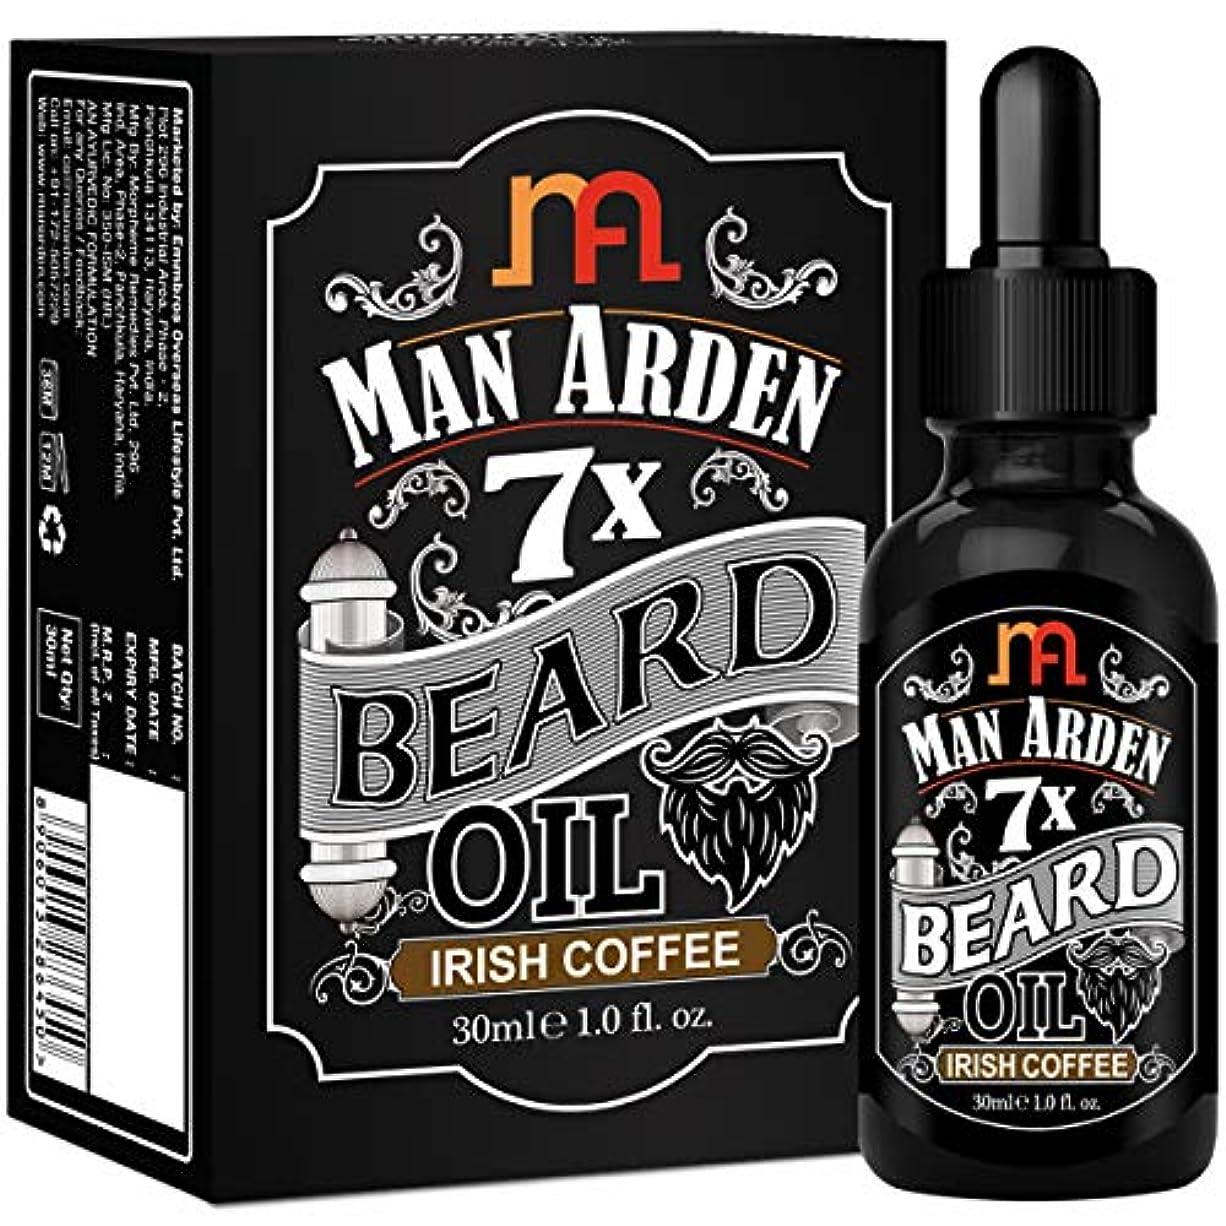 味わう予防接種する老人Man Arden 7X Beard Oil 30ml (Irish Coffee) - 7 Premium Oils For Beard Growth & Nourishment